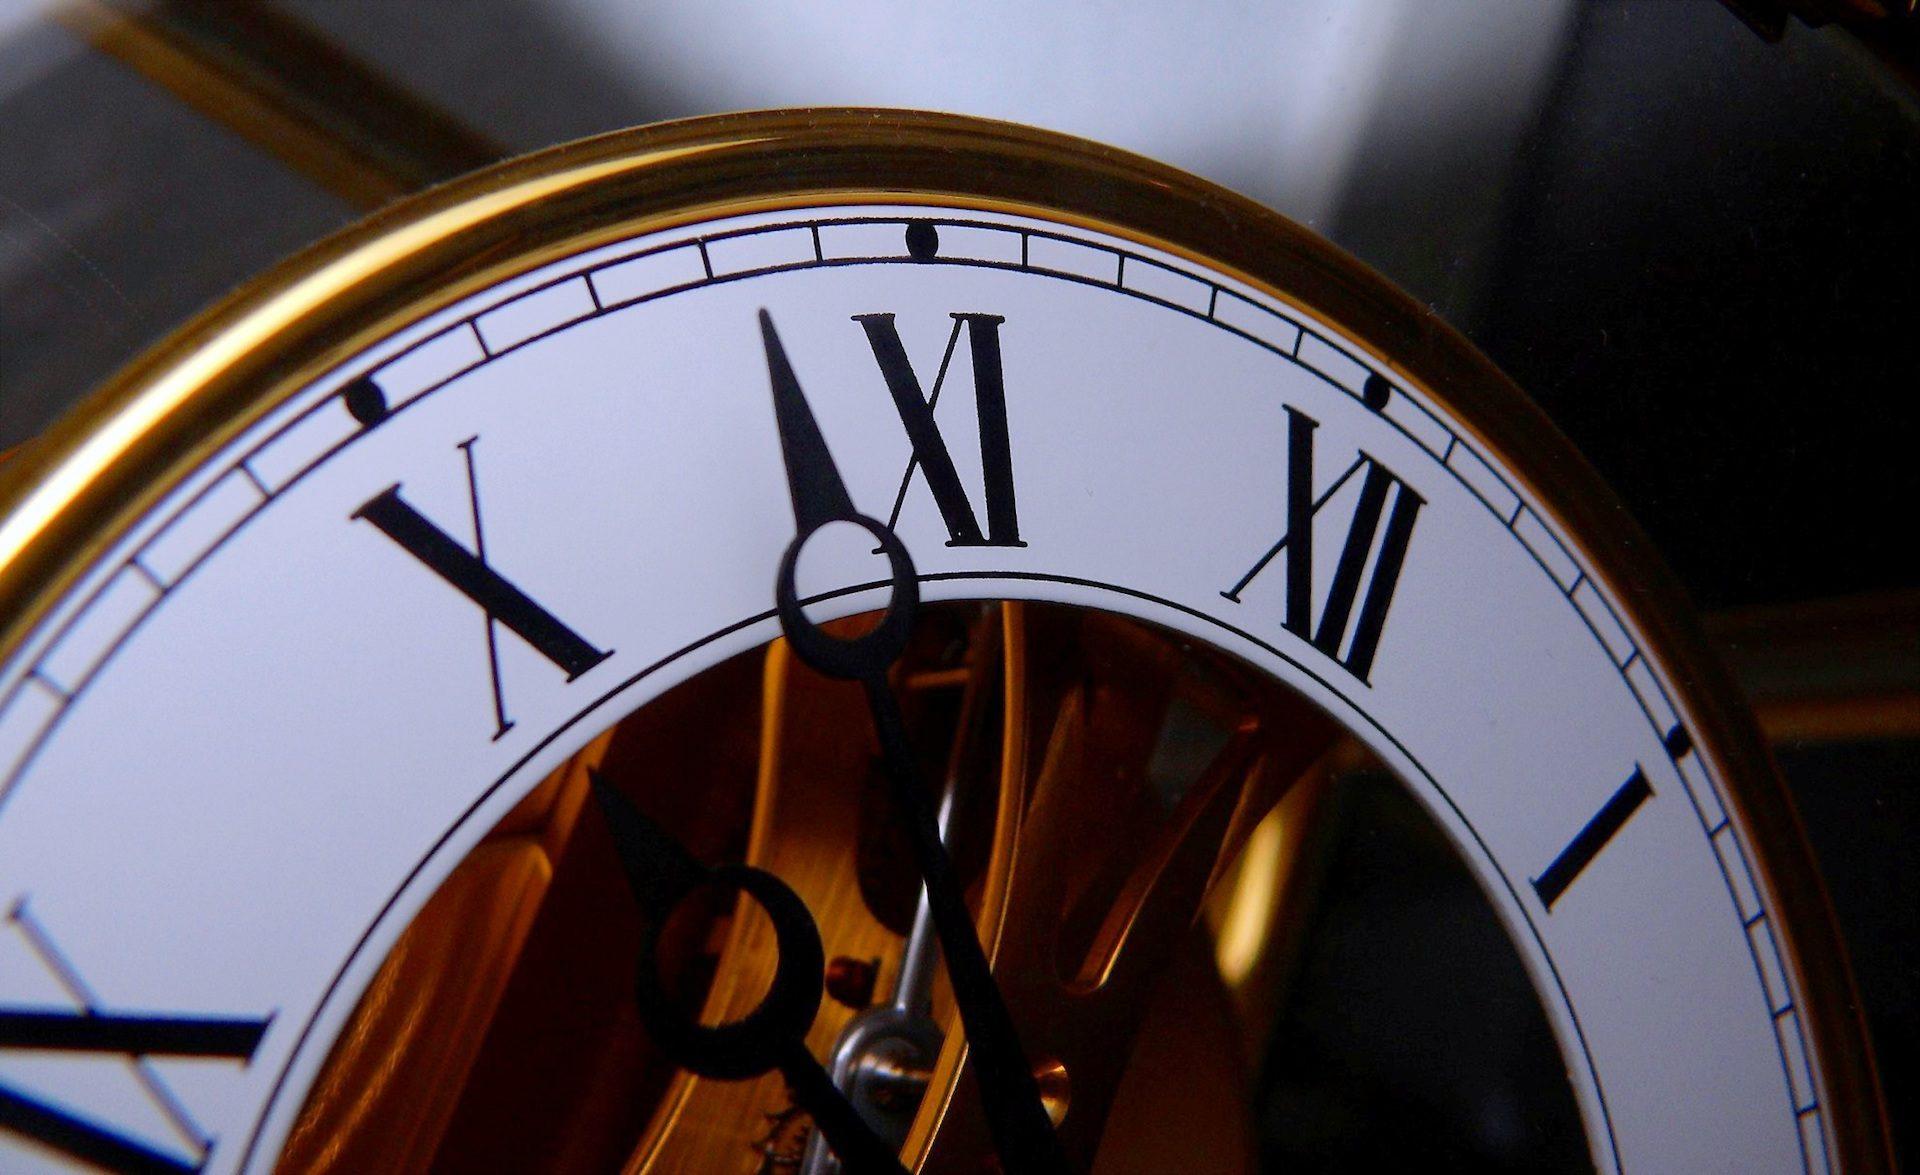 reloj, tiempo, manecillas, hora, números - Fondos de Pantalla HD - professor-falken.com